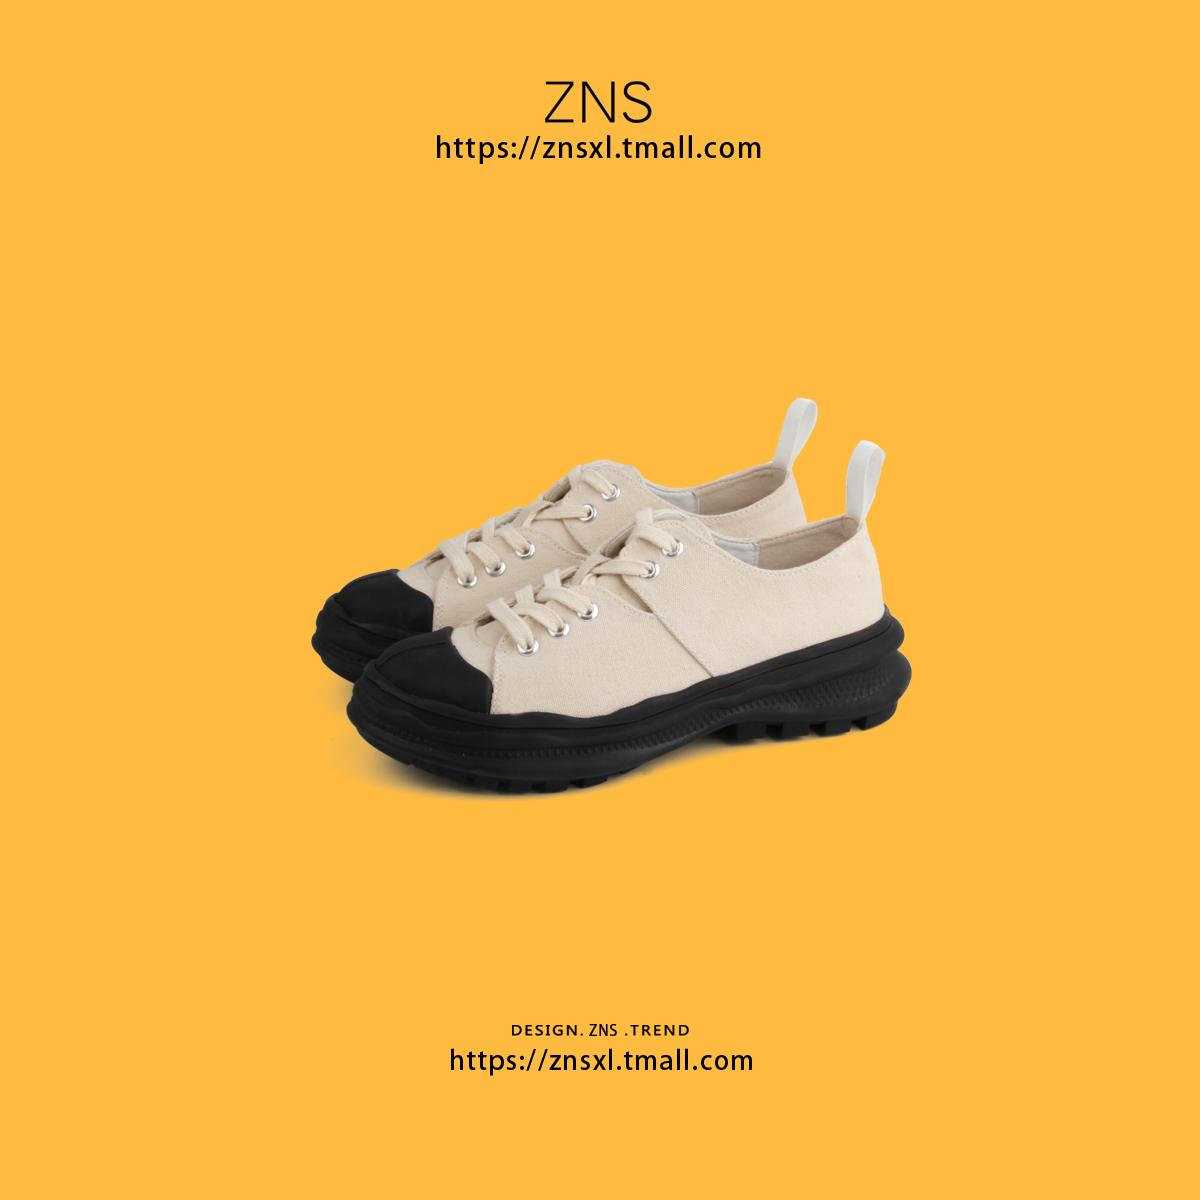 一脚蹬两穿帆布鞋外穿百搭休闲睁高厚底帆布鞋女懒人鞋女ZNS